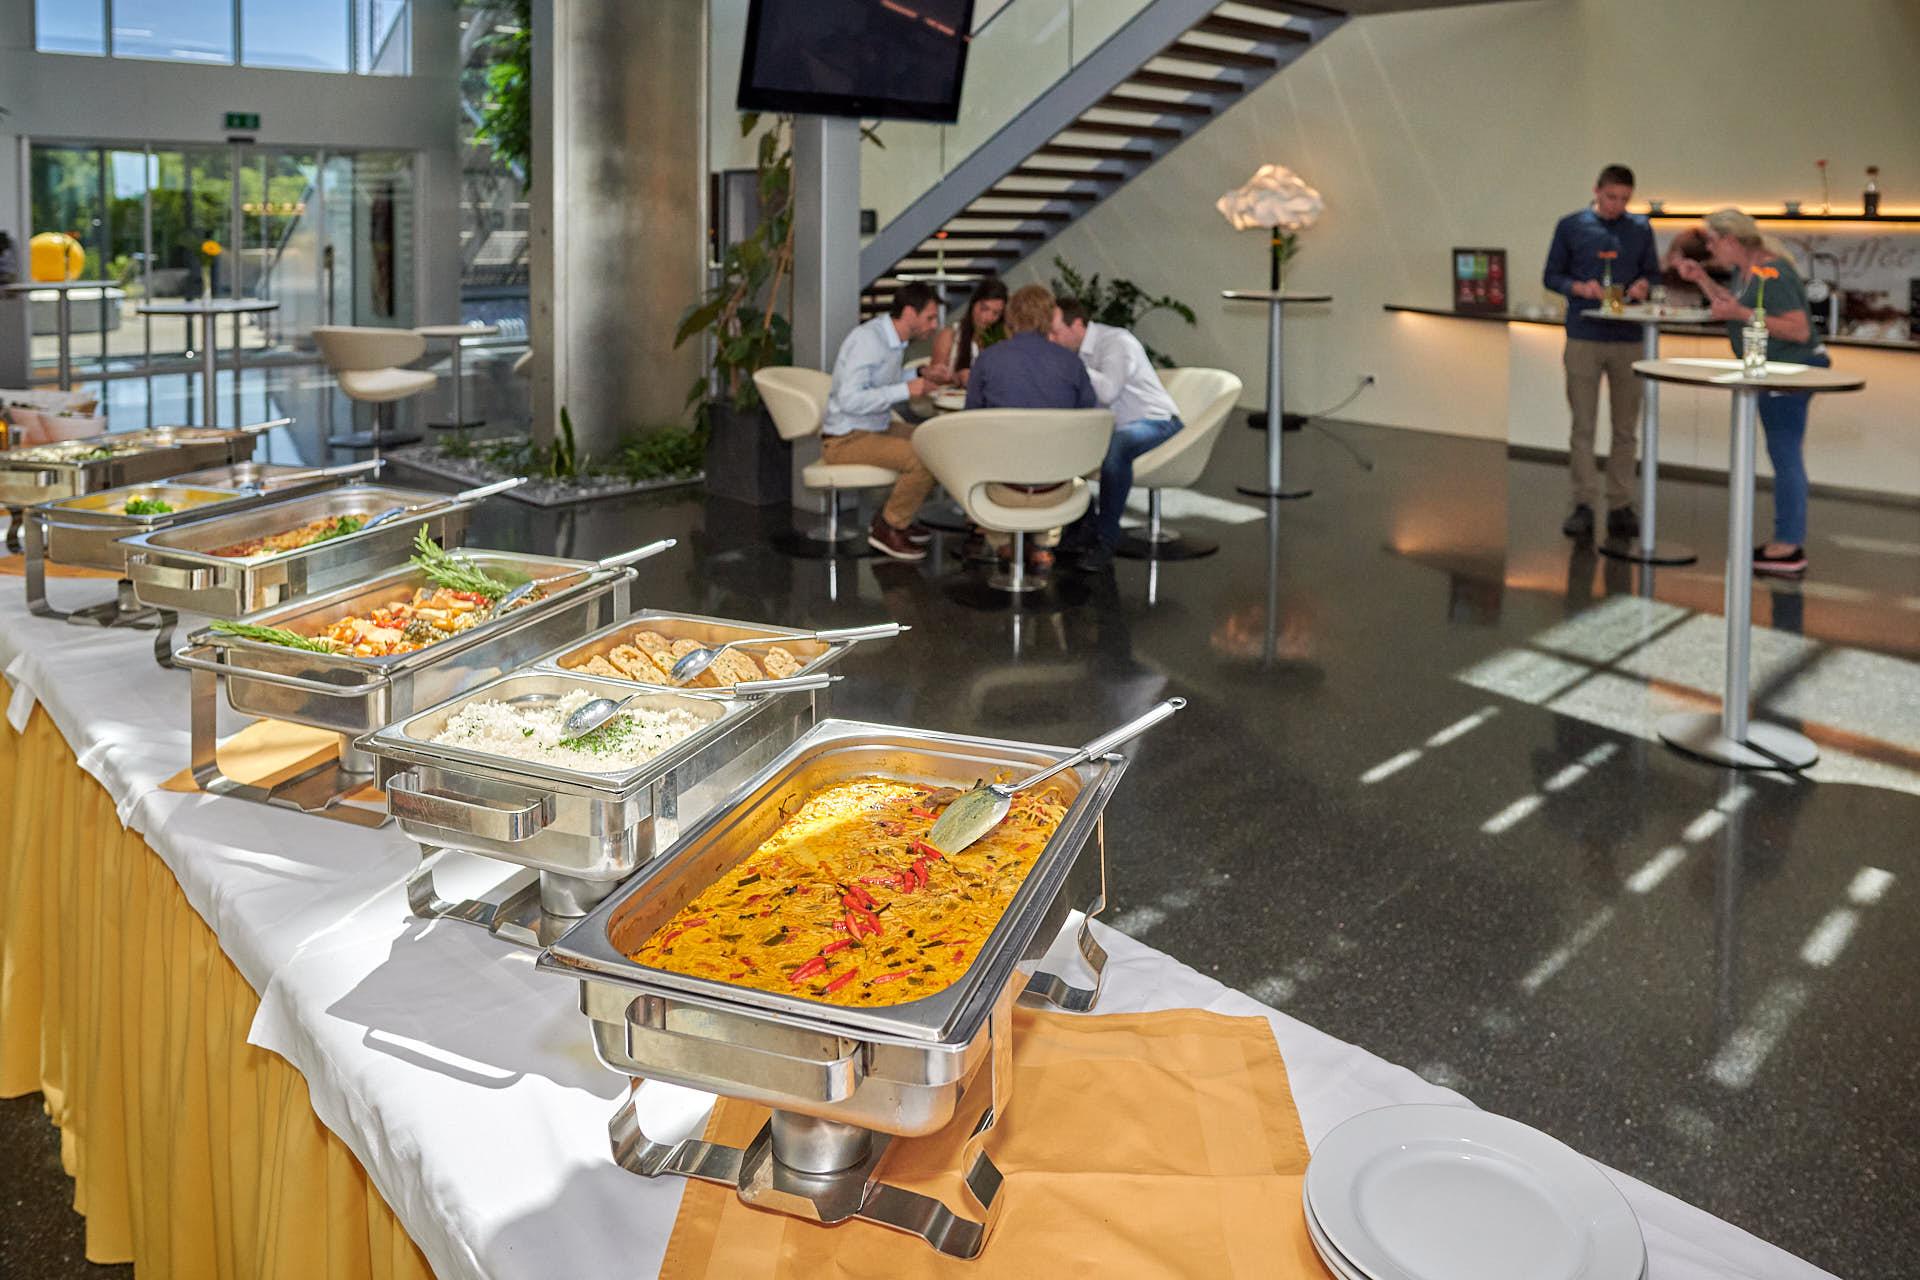 Zu Mittag gibt es ein reichhaltiges Buffet.